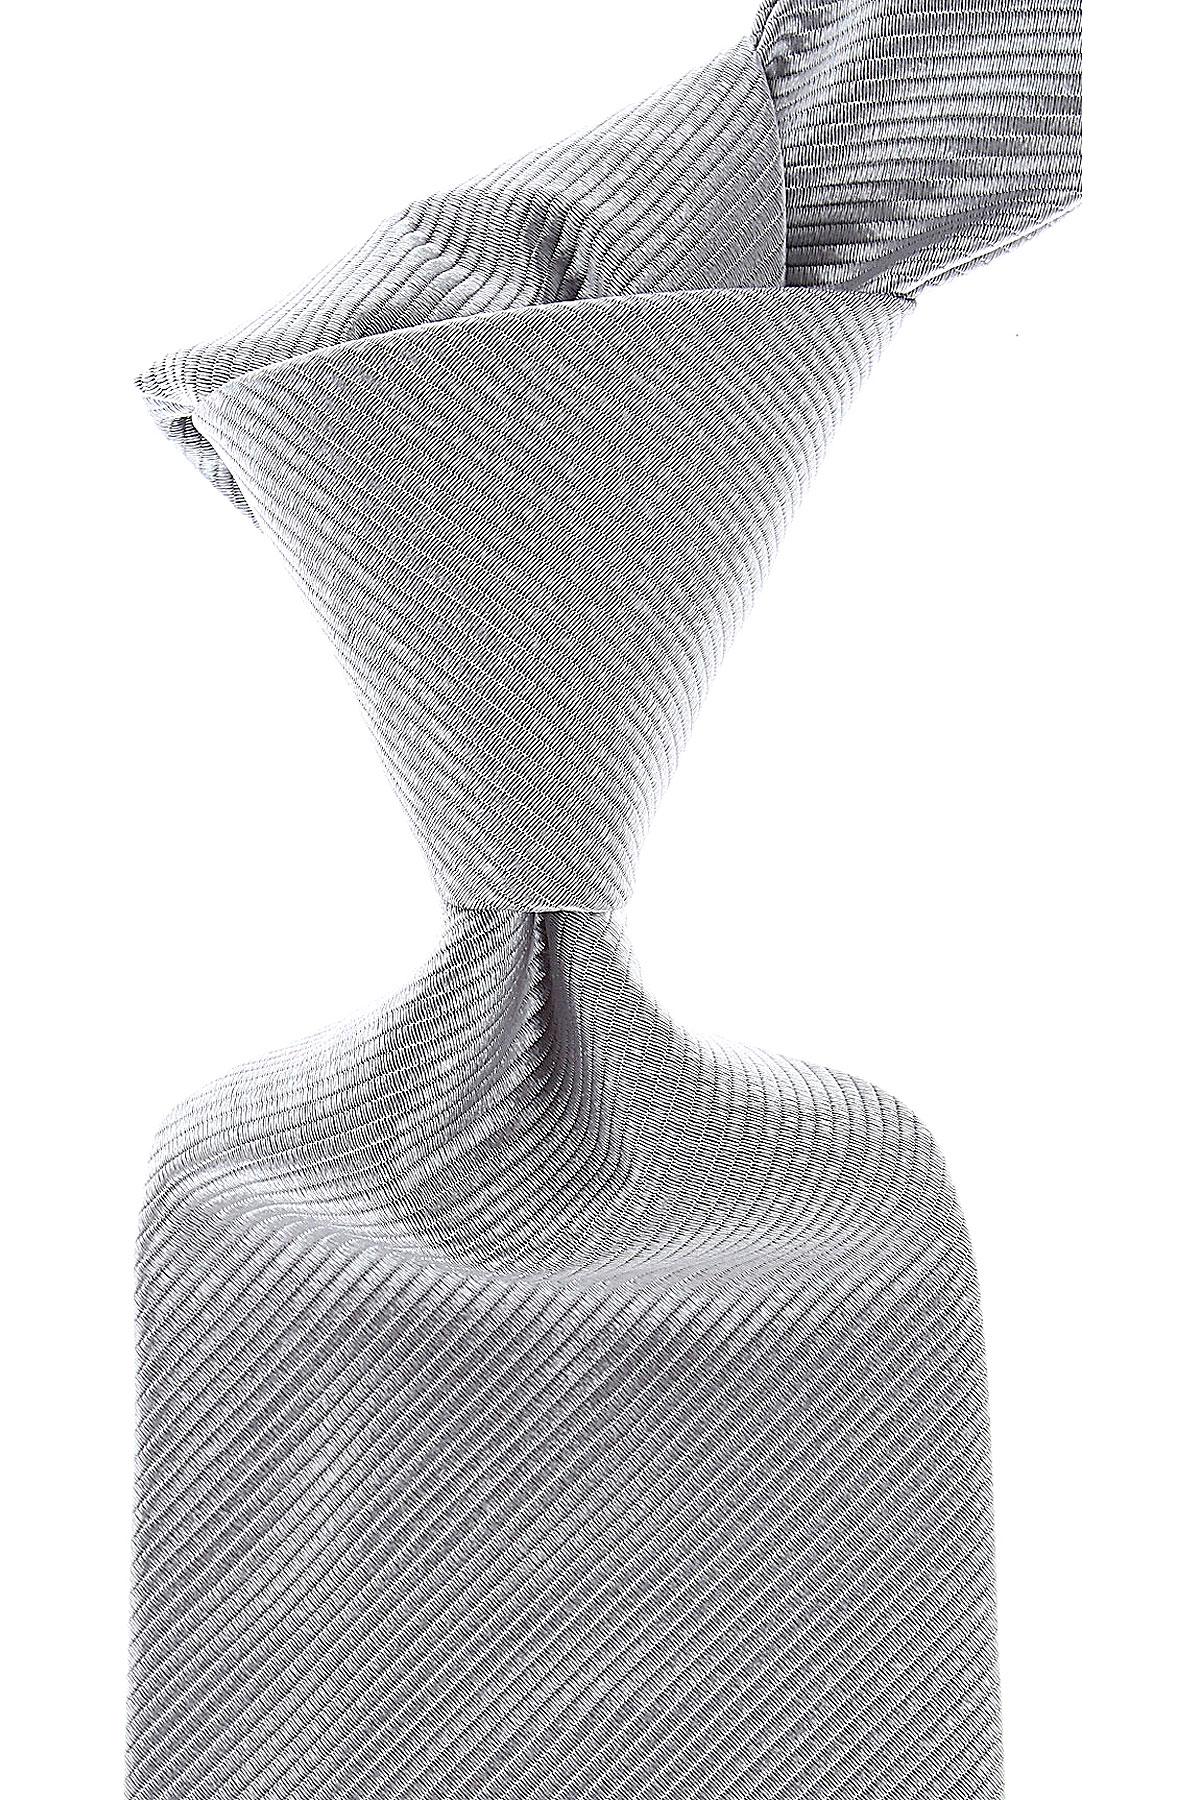 Raffaello Ties On Sale, Aluminium, Silk, 2019